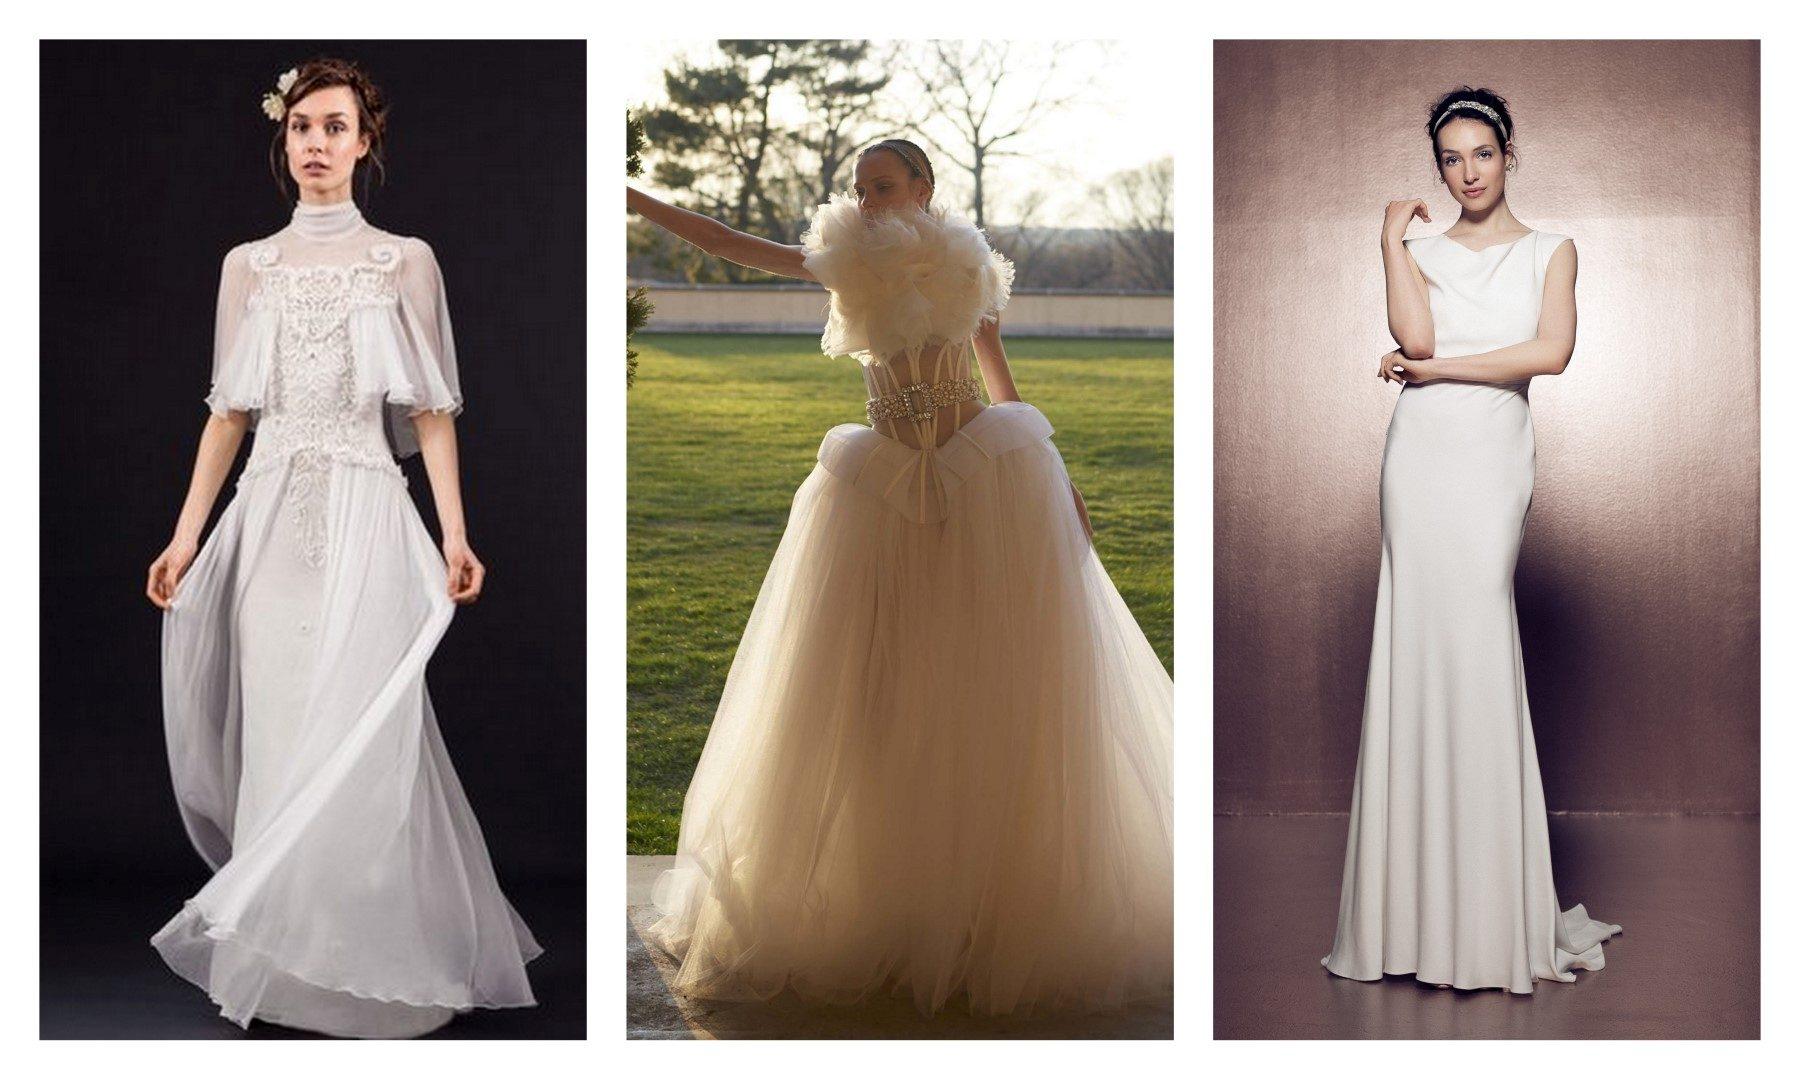 Ilyen lesz az esküvői ruha 2017-ben – A képeken látható esküvői ruhamárkák  listája balról jobbra haladva  Lela Rose 930c2fb717